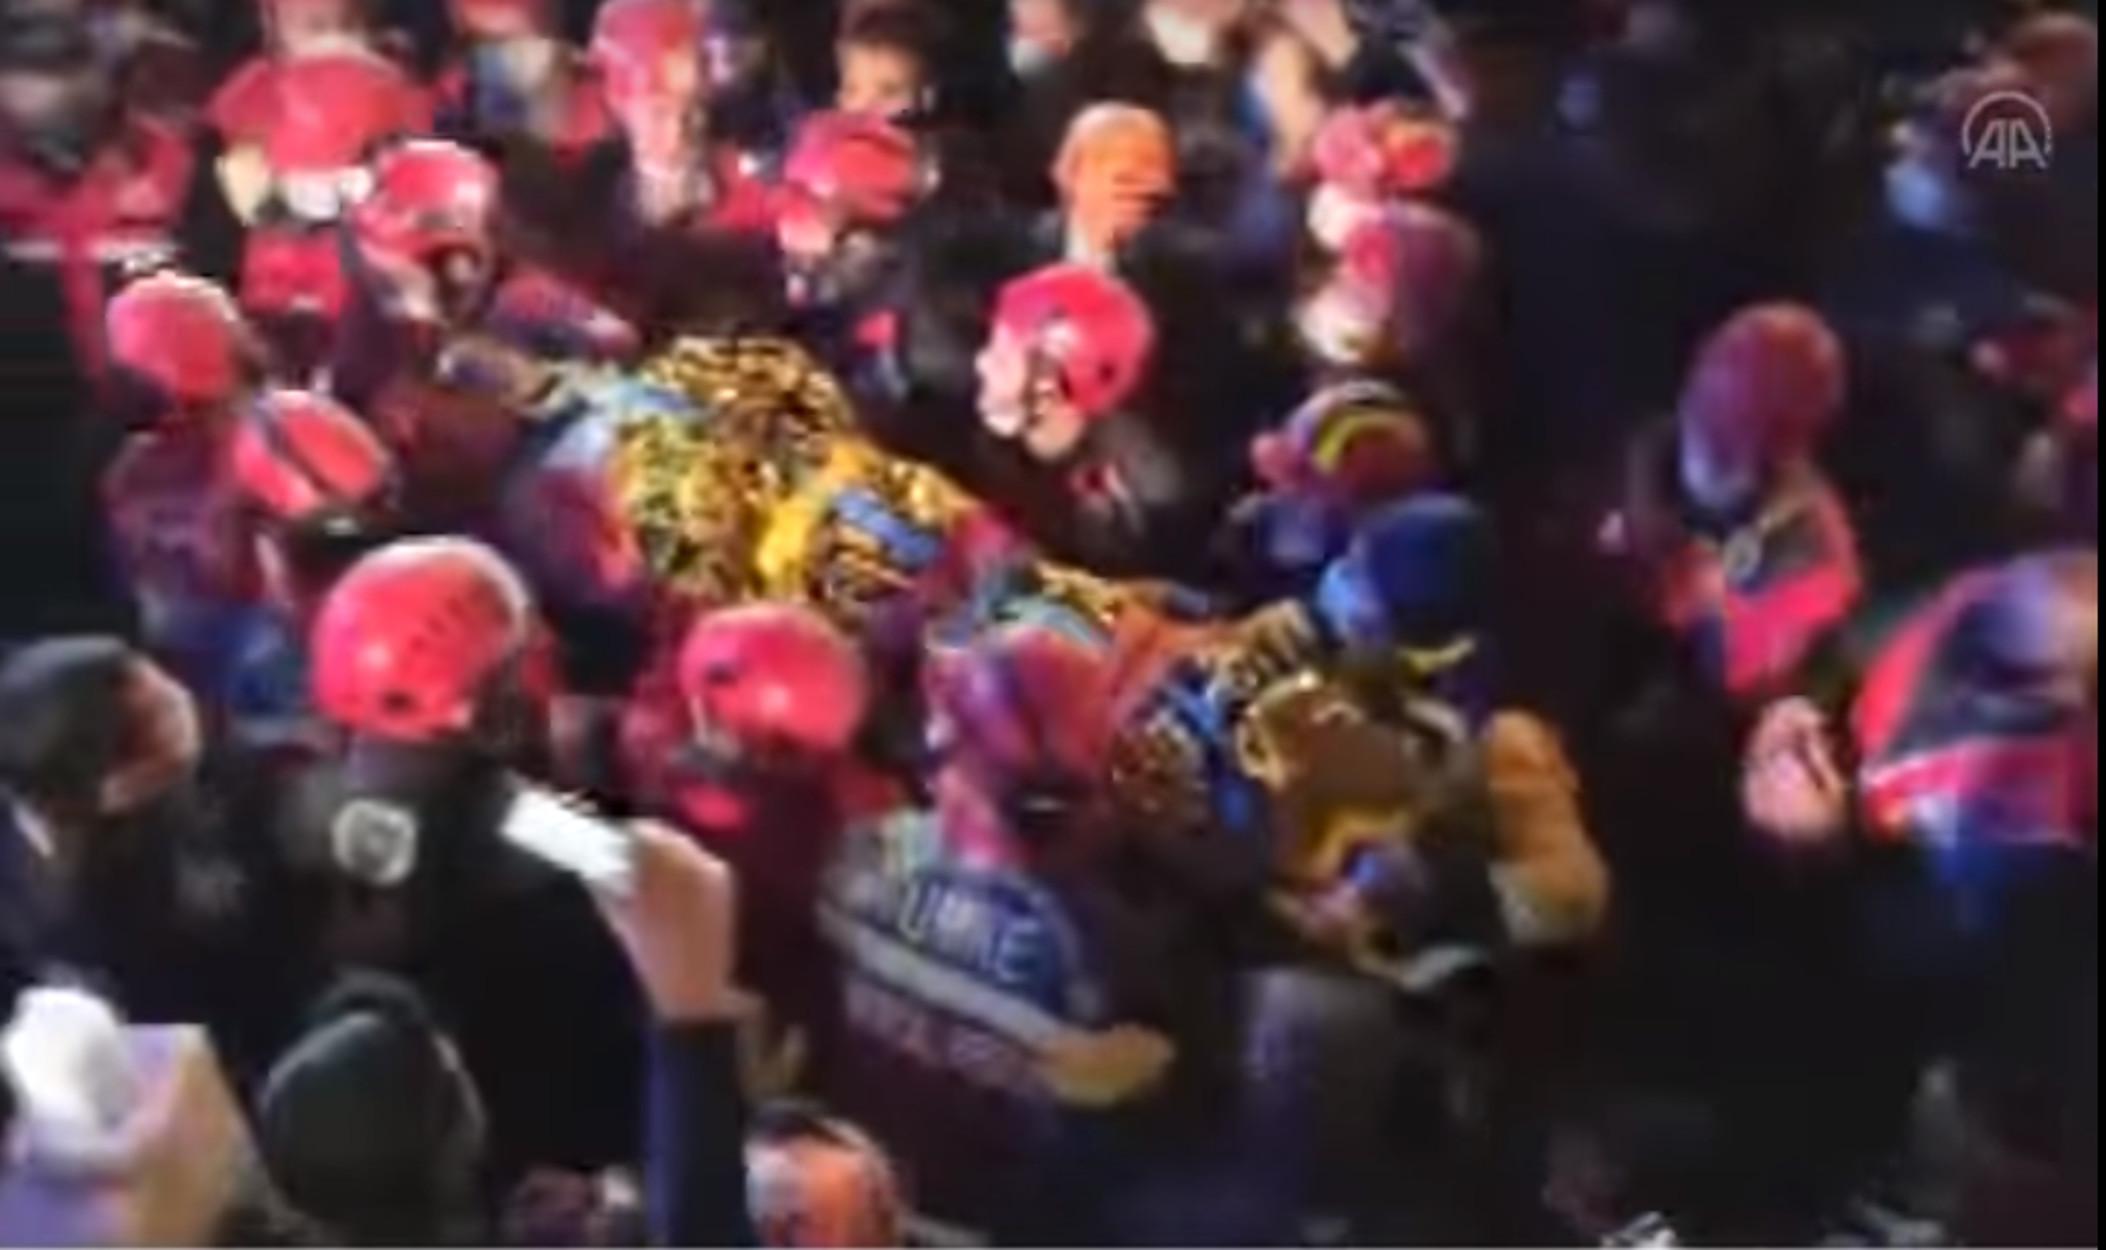 Σμύρνη: Η συγκινητική στιγμή του απεγκλωβισμού 14χρονου κοριτσιού μετά από 58 ώρες! 79 οι νεκροί από το σεισμό (video)